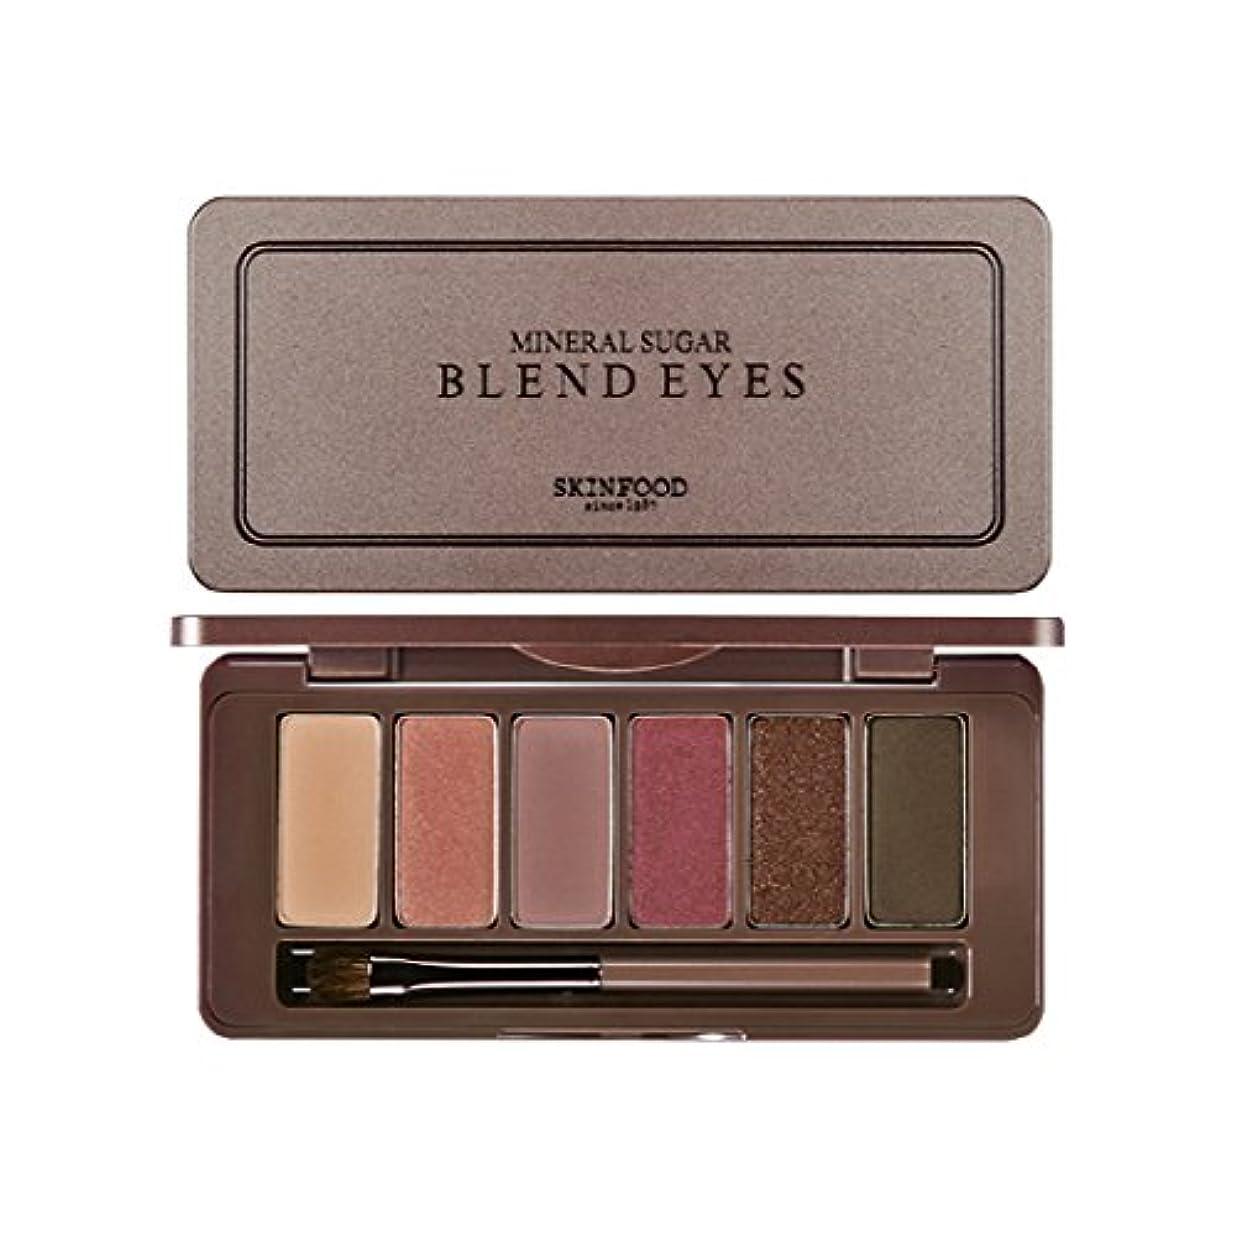 福祉愛国的な愛人SKINFOOD Mineral Sugar Blend Eyes/スキンフード ミネラル シュガー ブレンド アイズ (#05 Mousse Au Plum Chocolat) [並行輸入品]